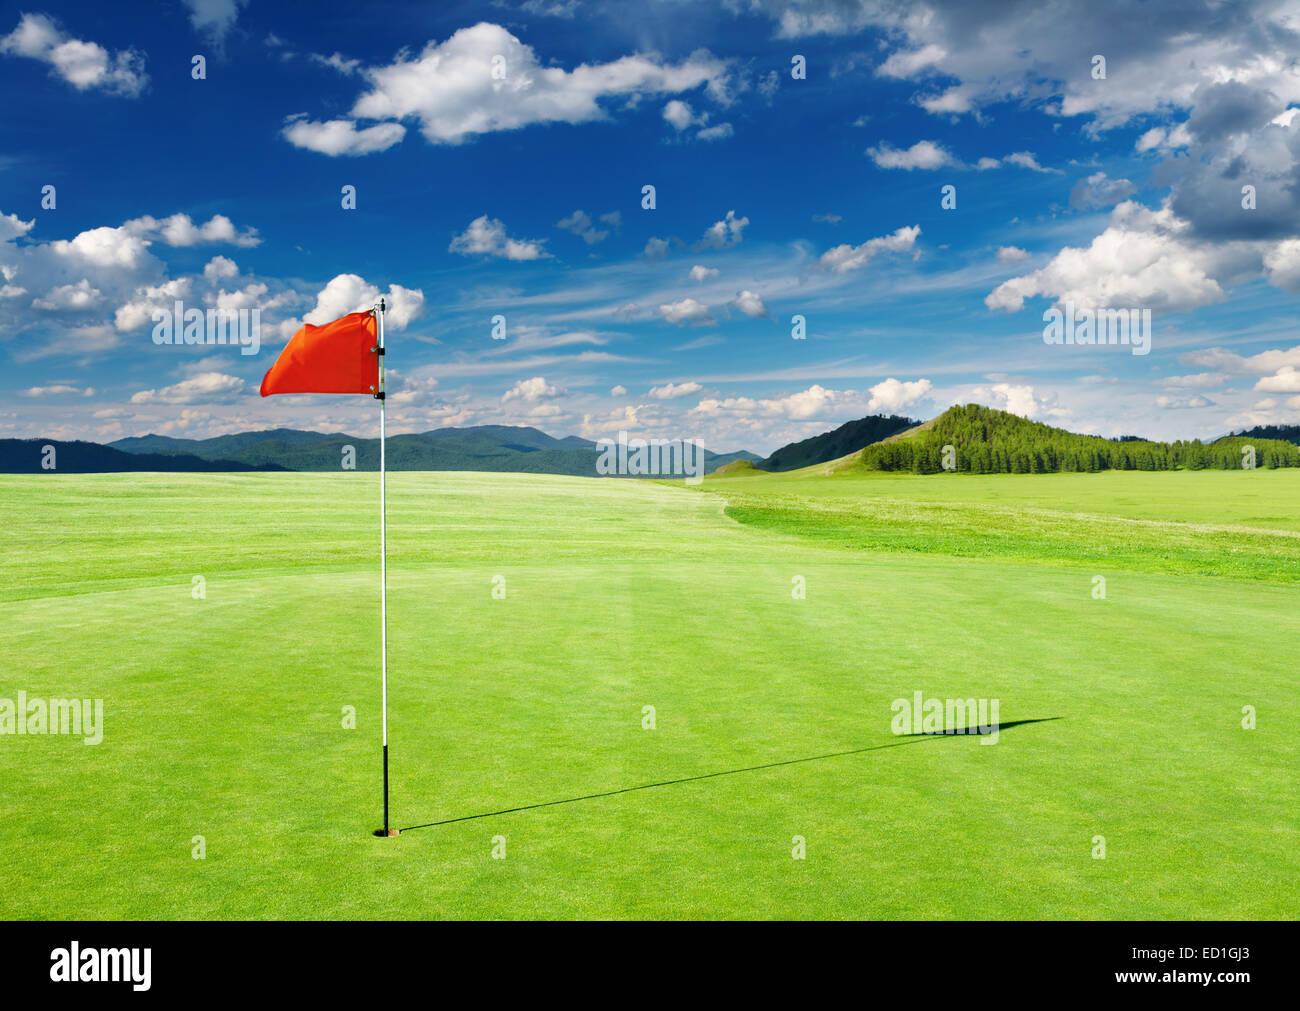 Terrain de Golf avec drapeau rouge dans le trou Photo Stock